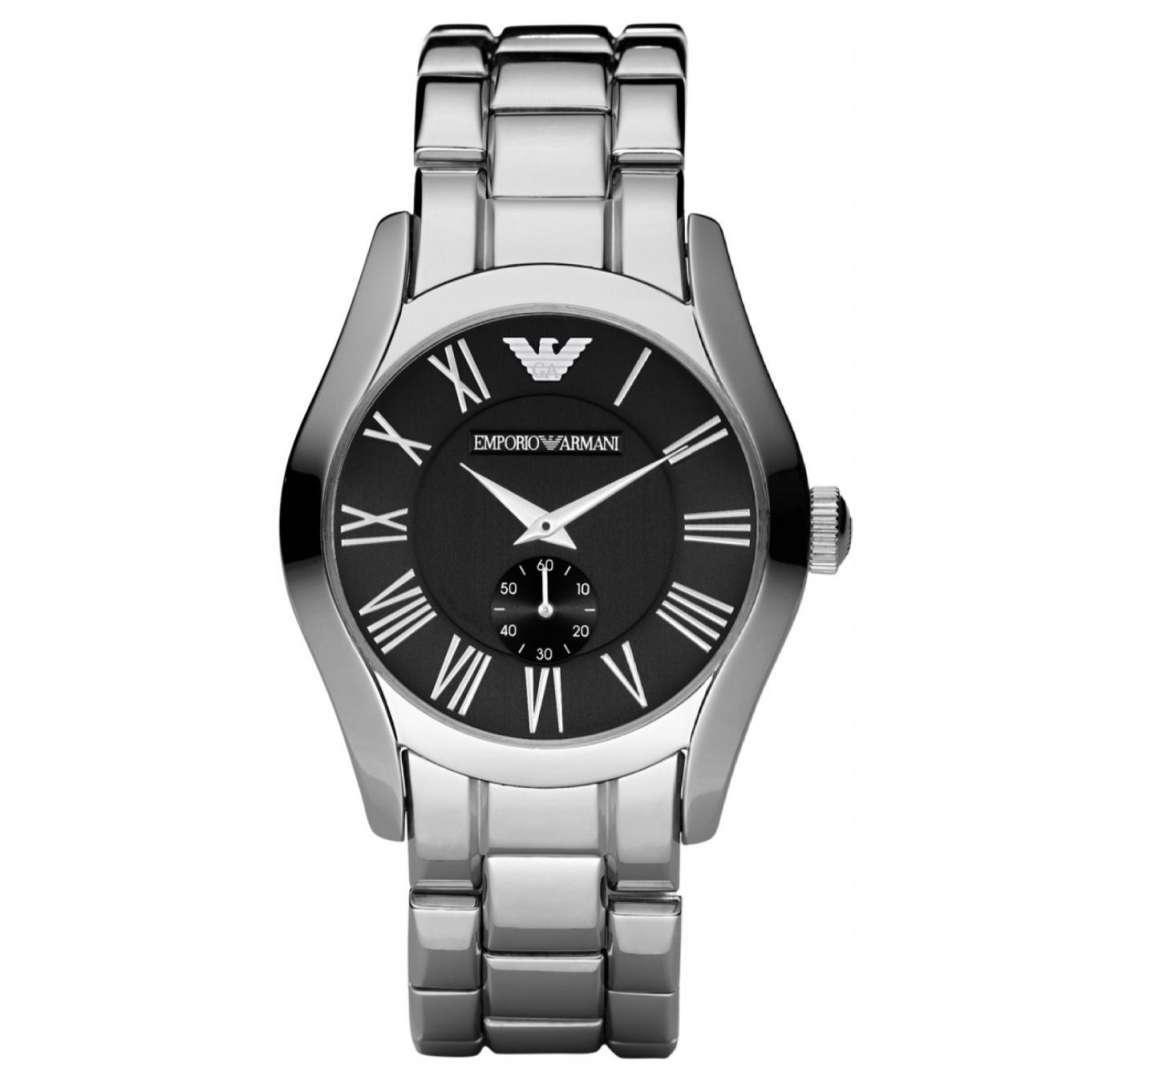 שעון יד אנלוגי לגבר emporio armani ar0680 אמפוריו ארמני